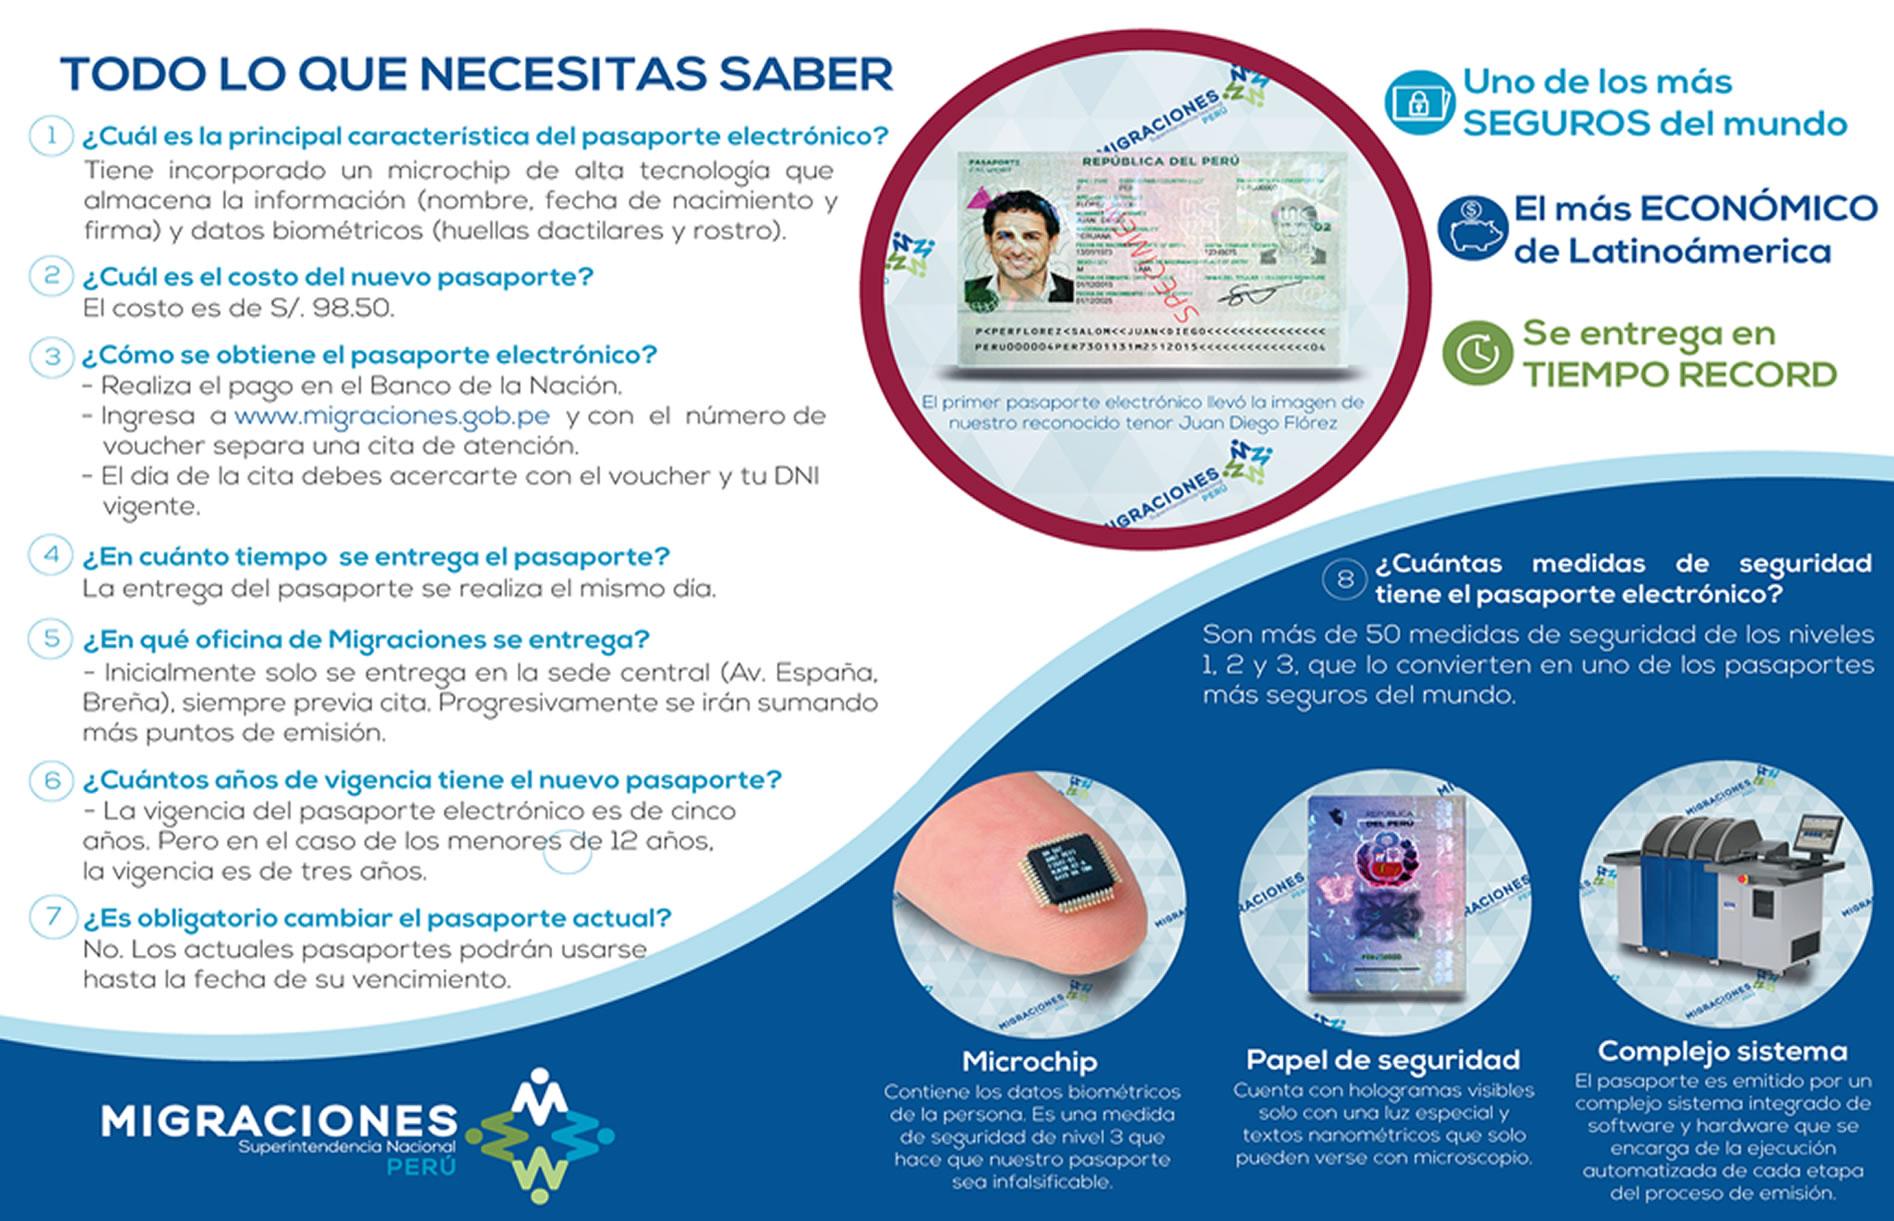 Información sobre el Pasaporte Biométrico dek Perú.